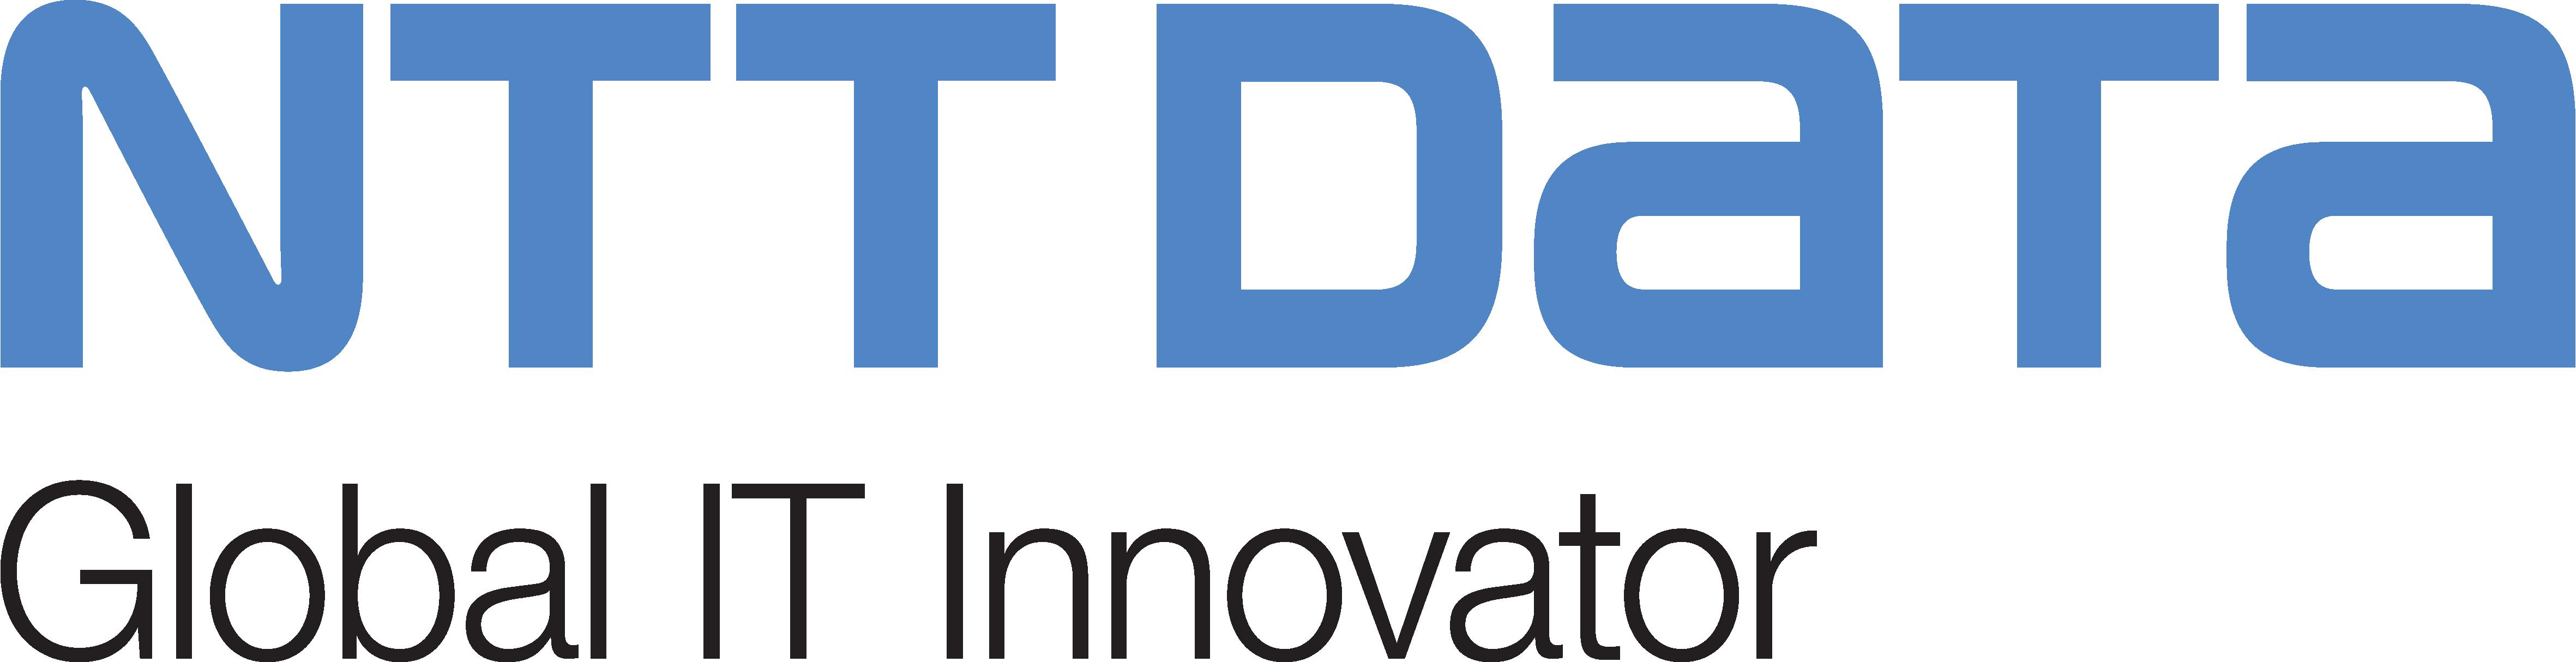 NTT-DATA-descriptor-L-color